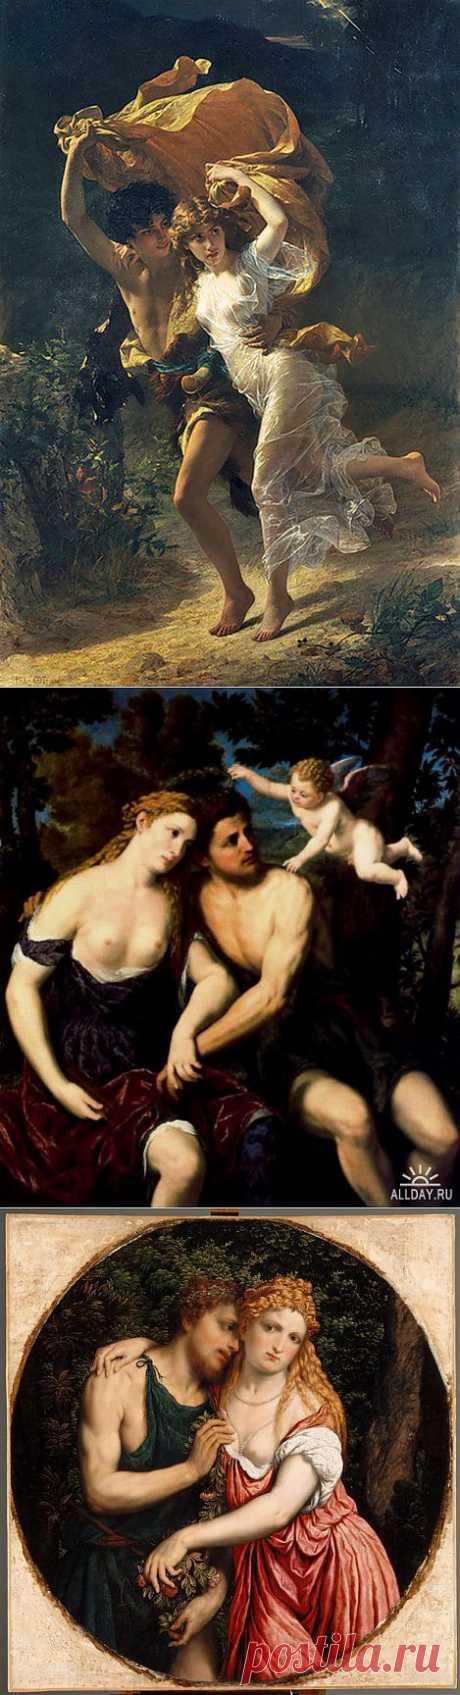 Дафнис и Хлоя. | Искусство